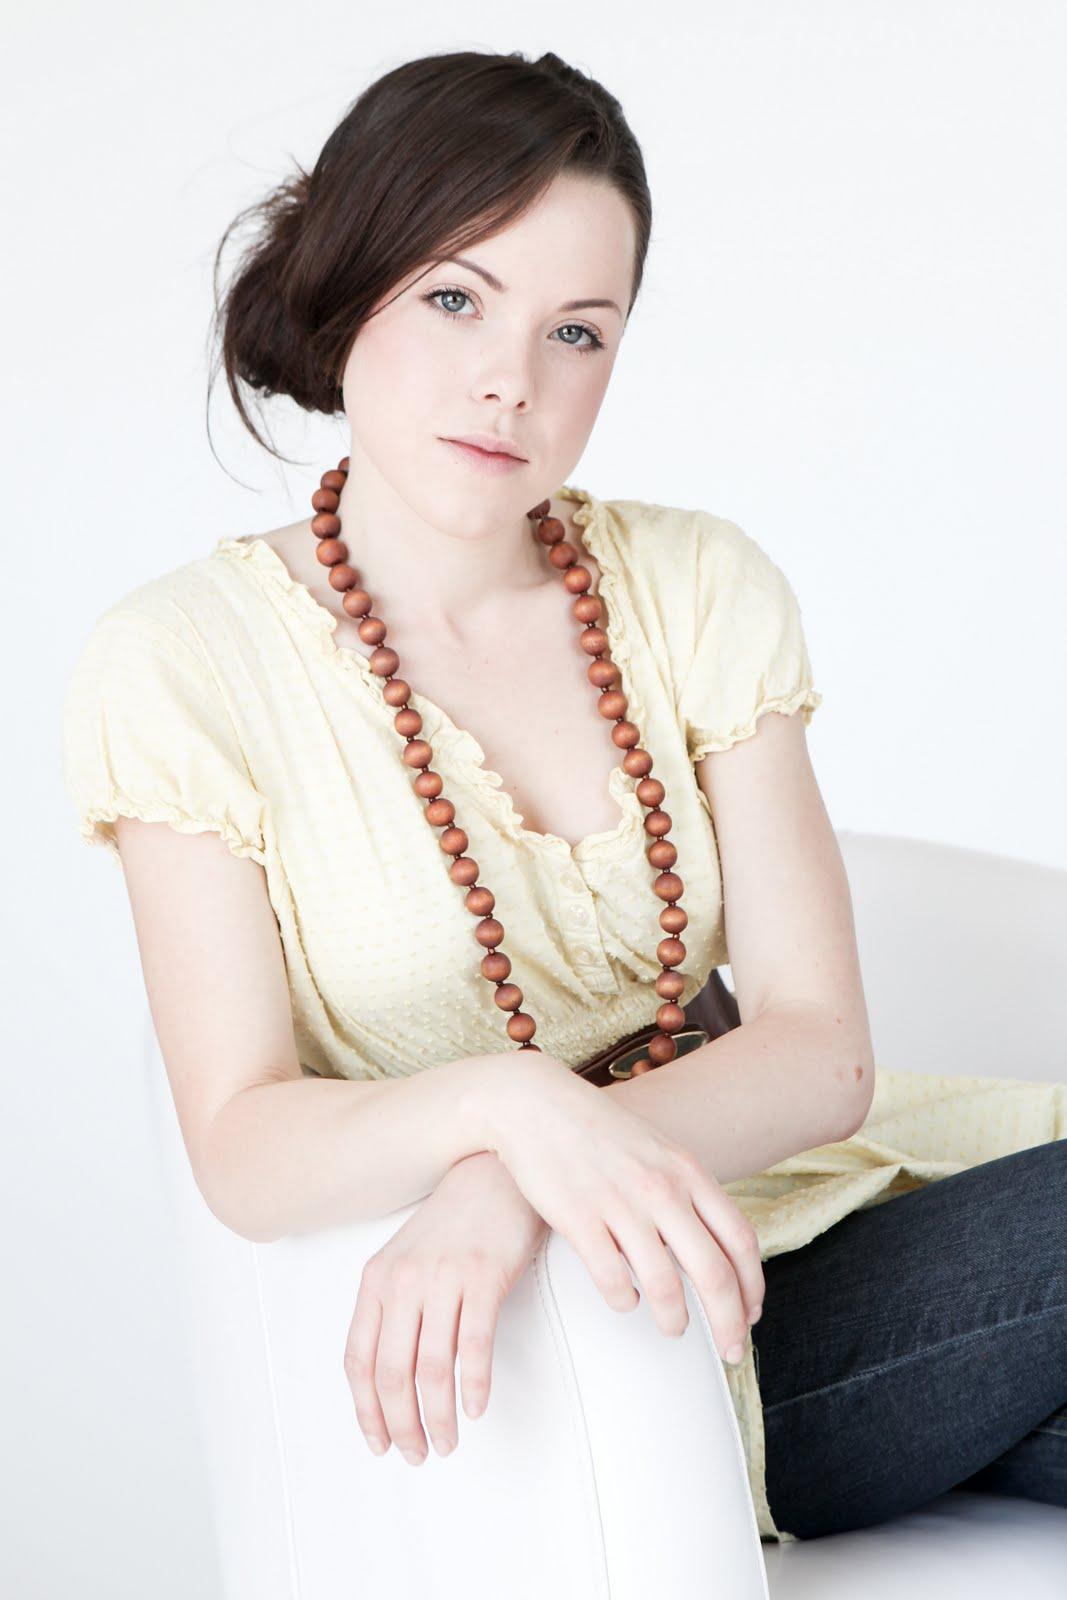 Sandra Steier